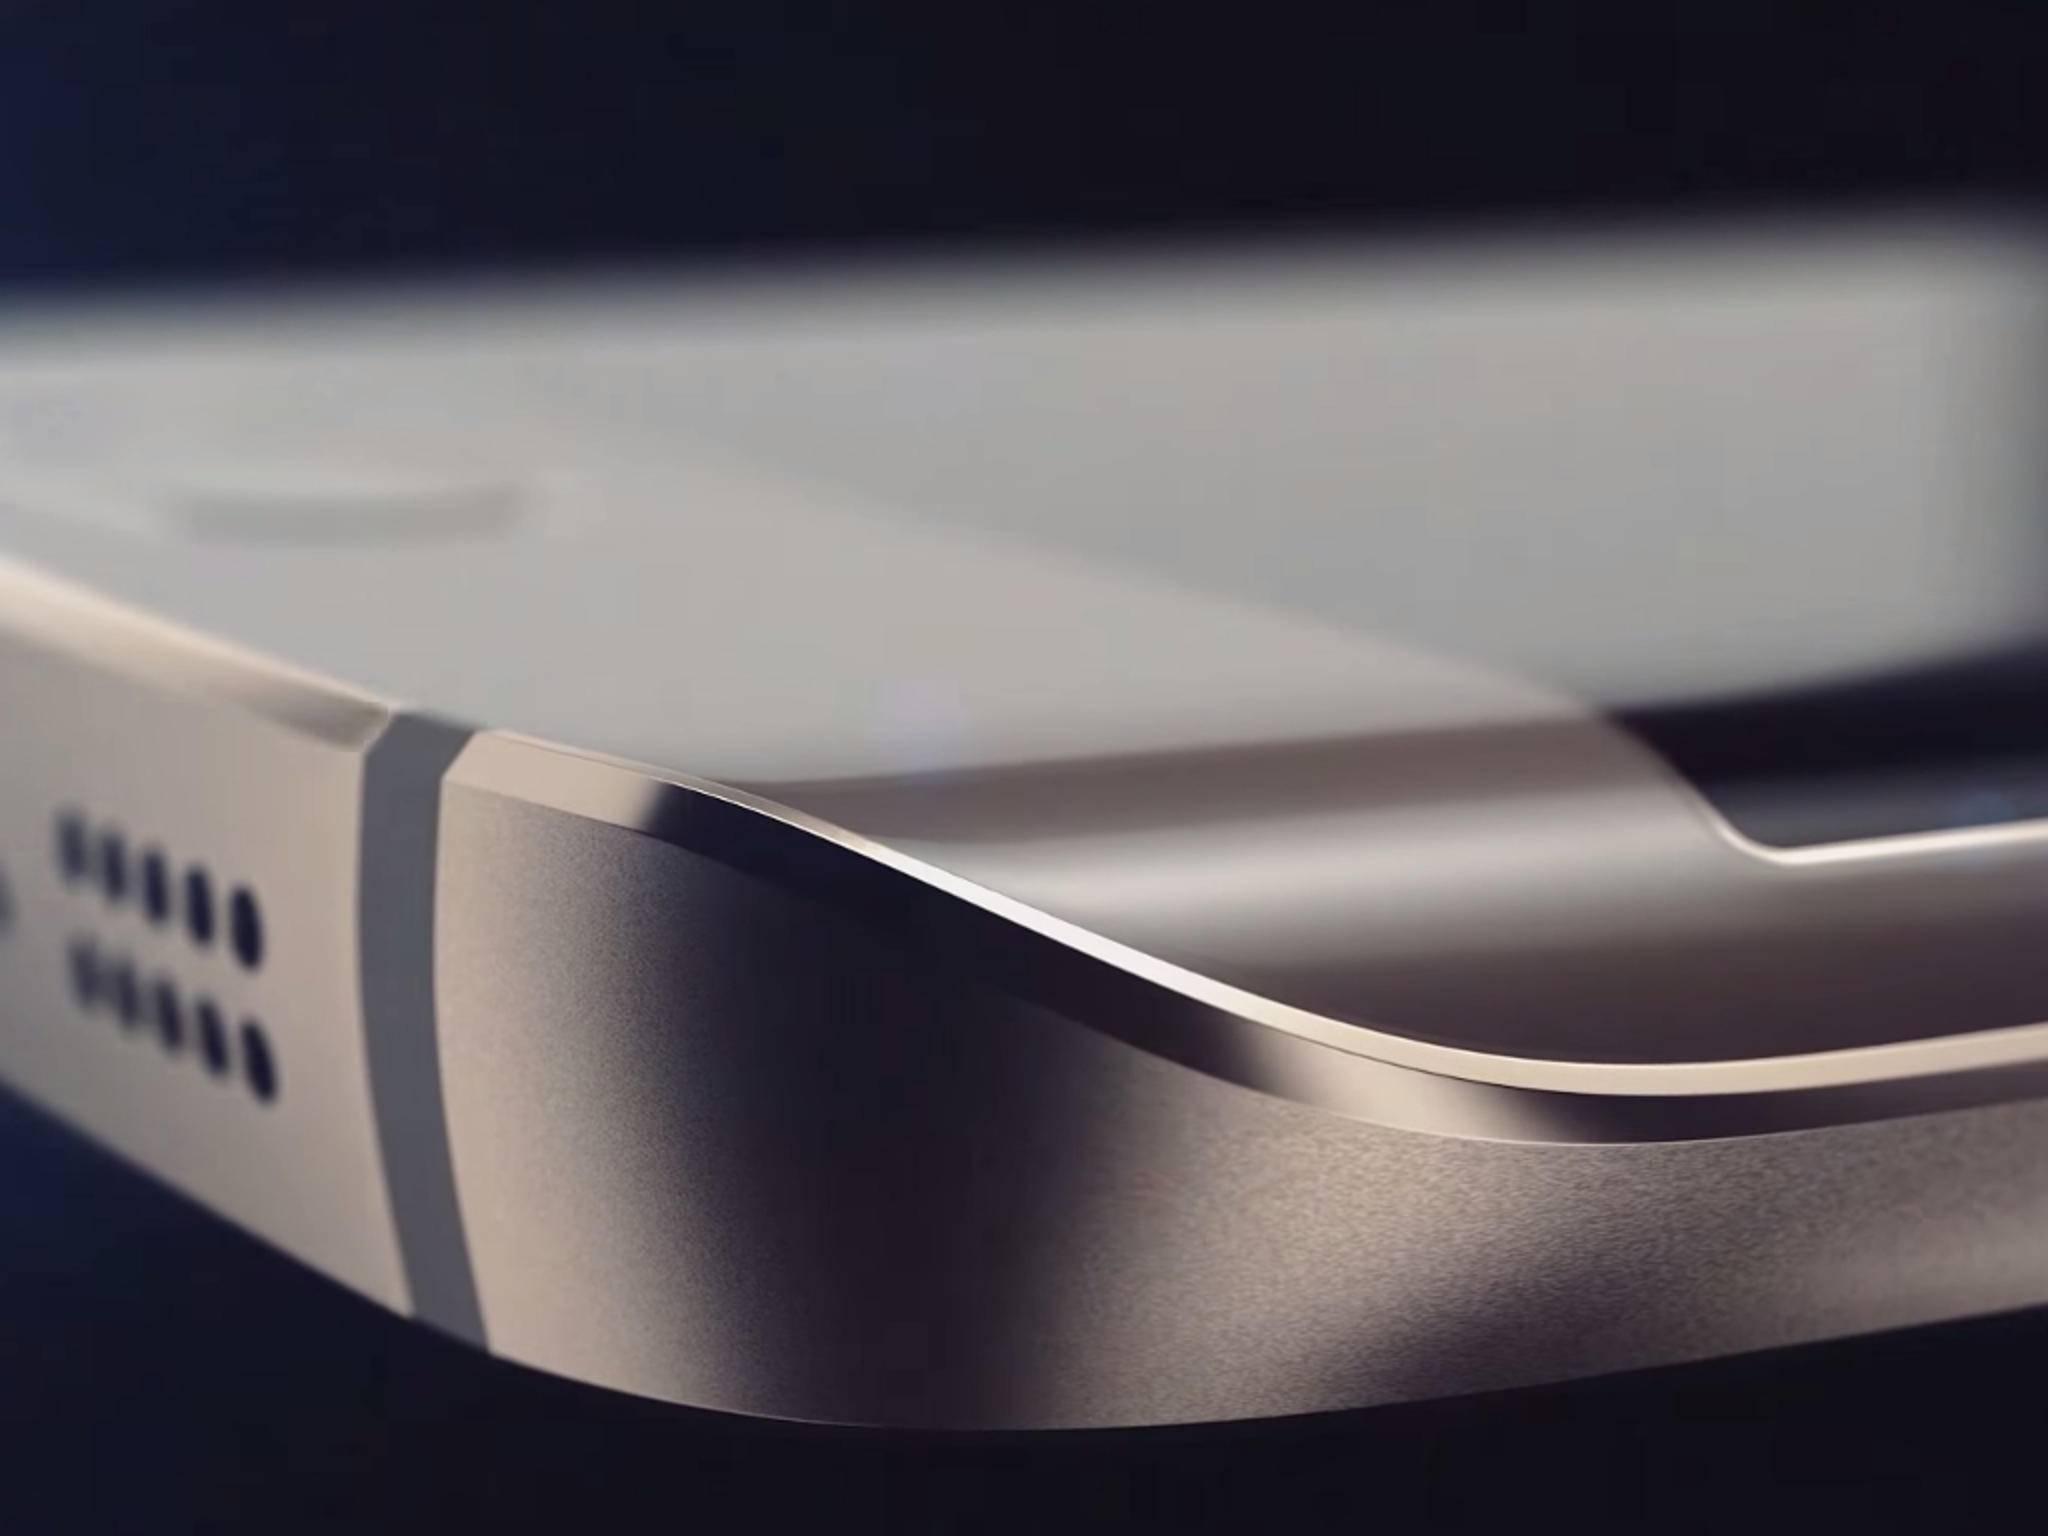 Die Kamera des Galaxy S6 Edge Plus soll Bilder auch im RAW-Format speichern.